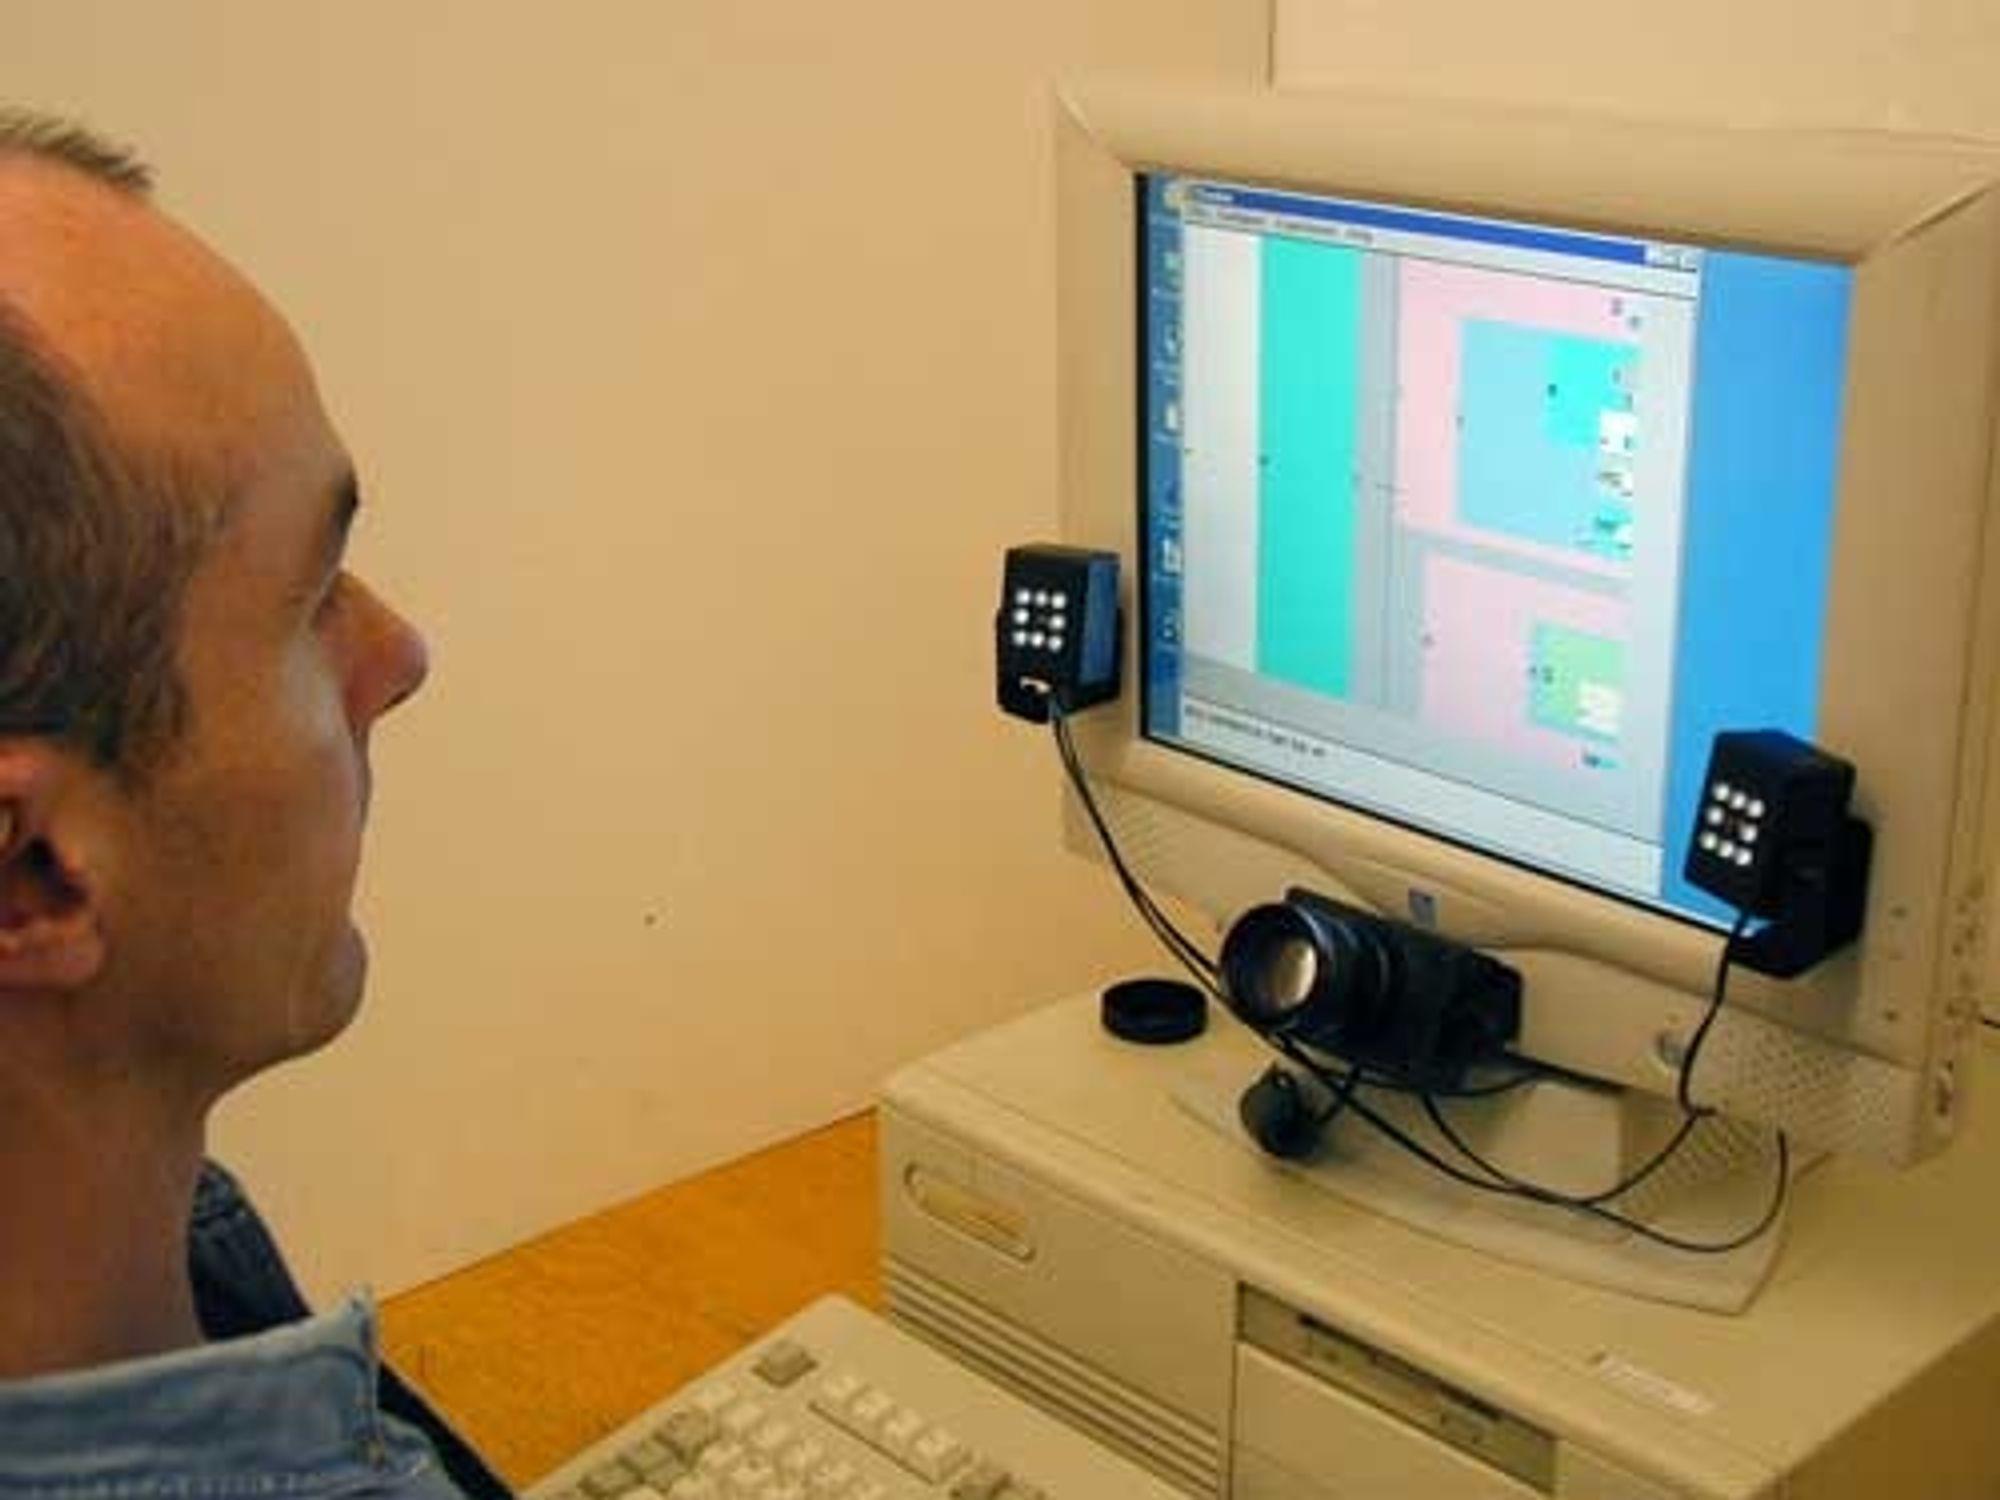 ØYESKRIVER: Ny programvare og en spesielt utviklet blikkfølger gjør at du kan skrive tekst på datamaskinen bare ved å se på bokstavene du vil sette sammen.